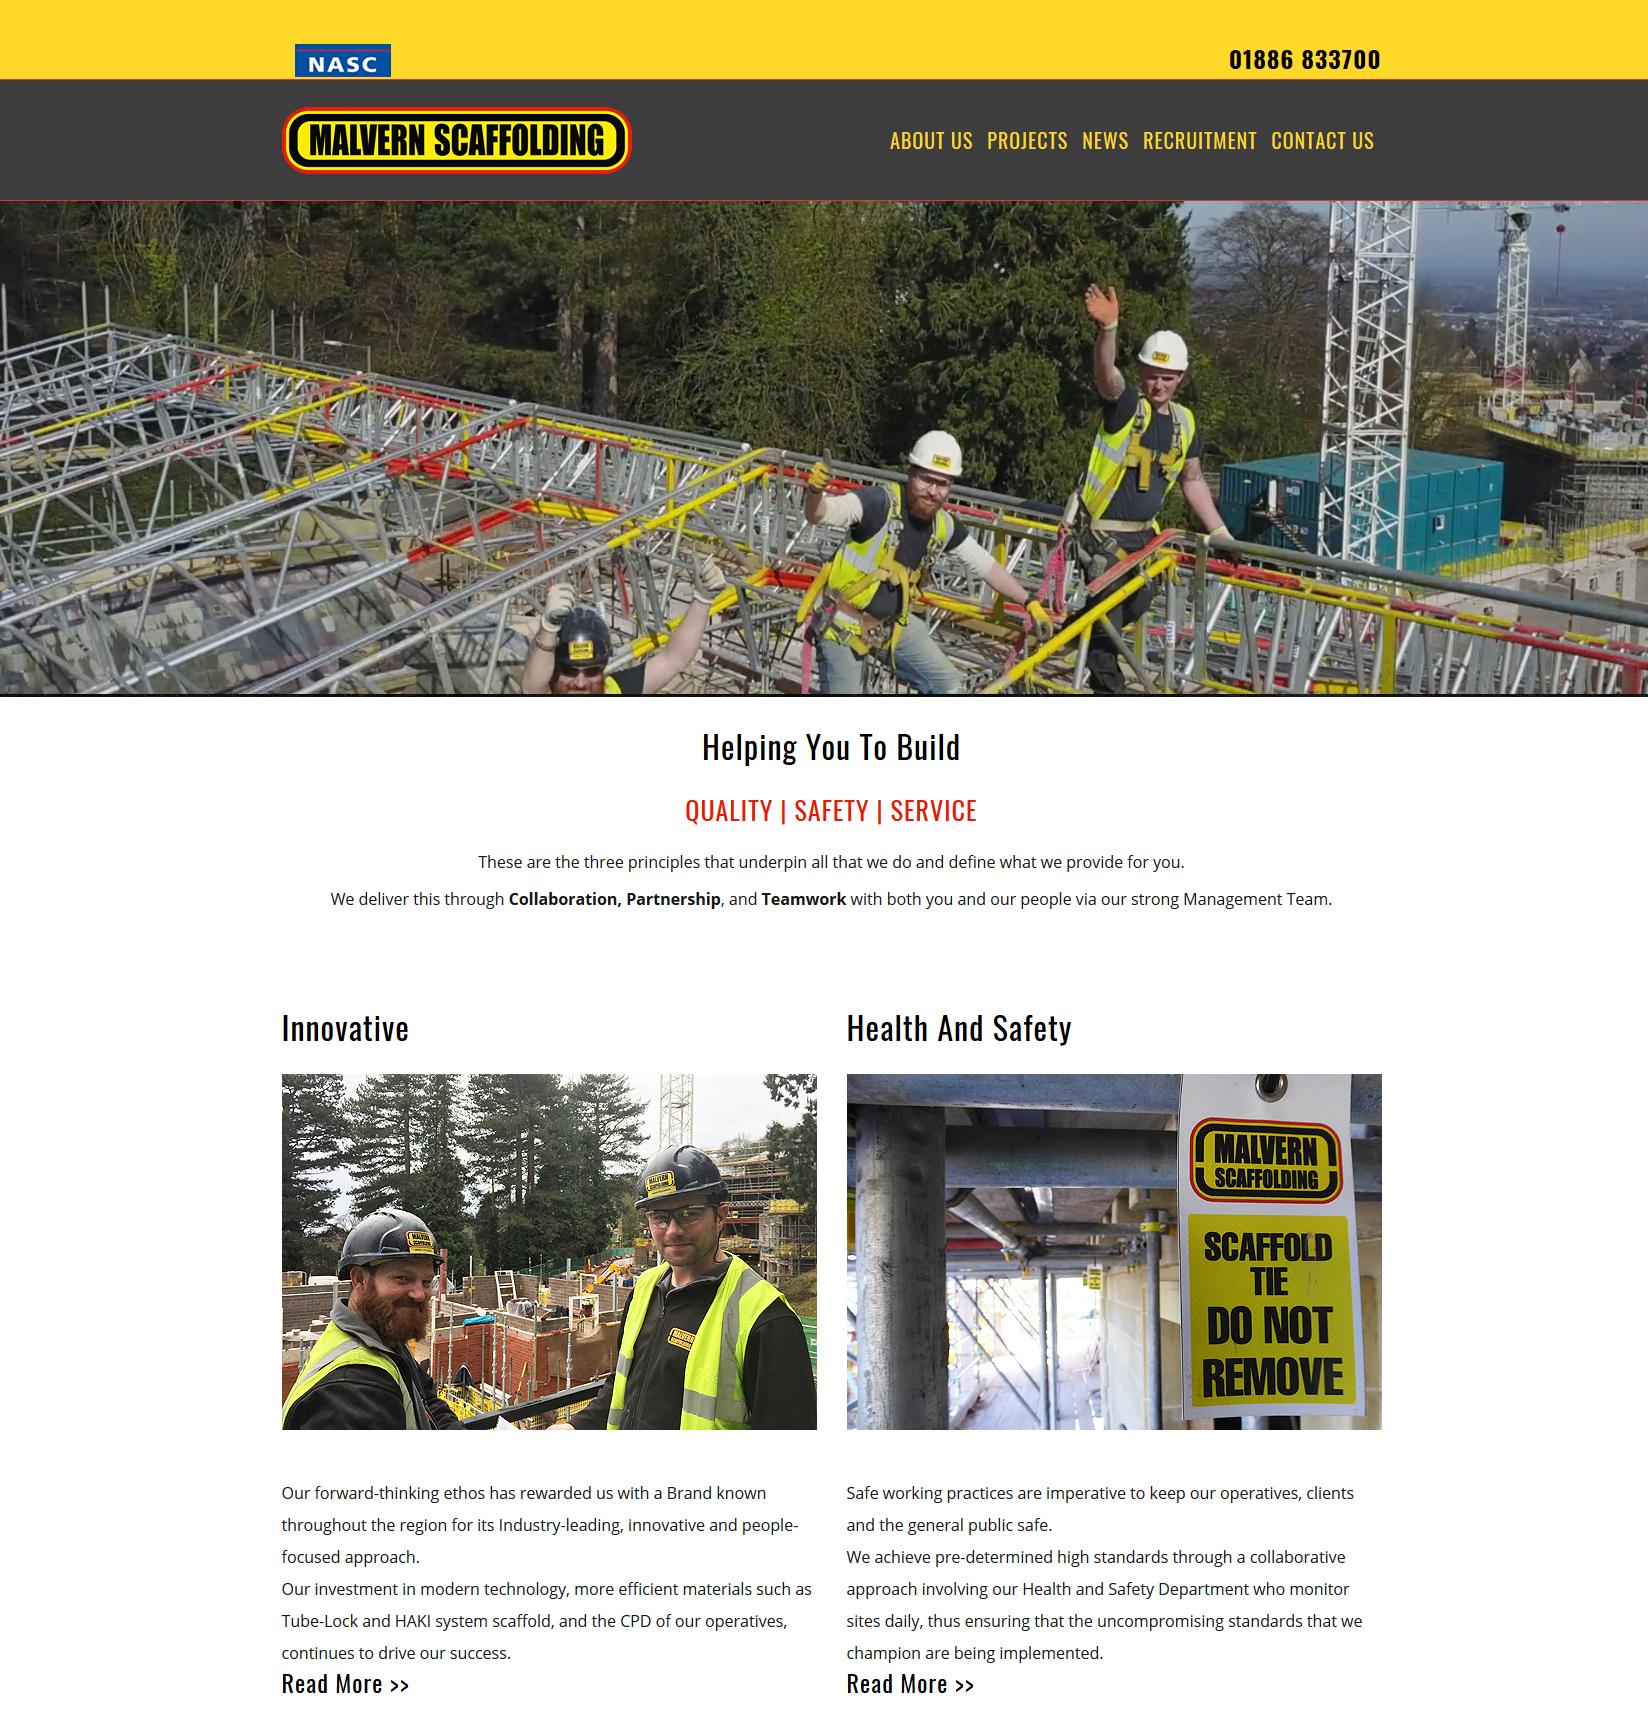 Ghost Website Design Worcester - Malvern Scaffolding